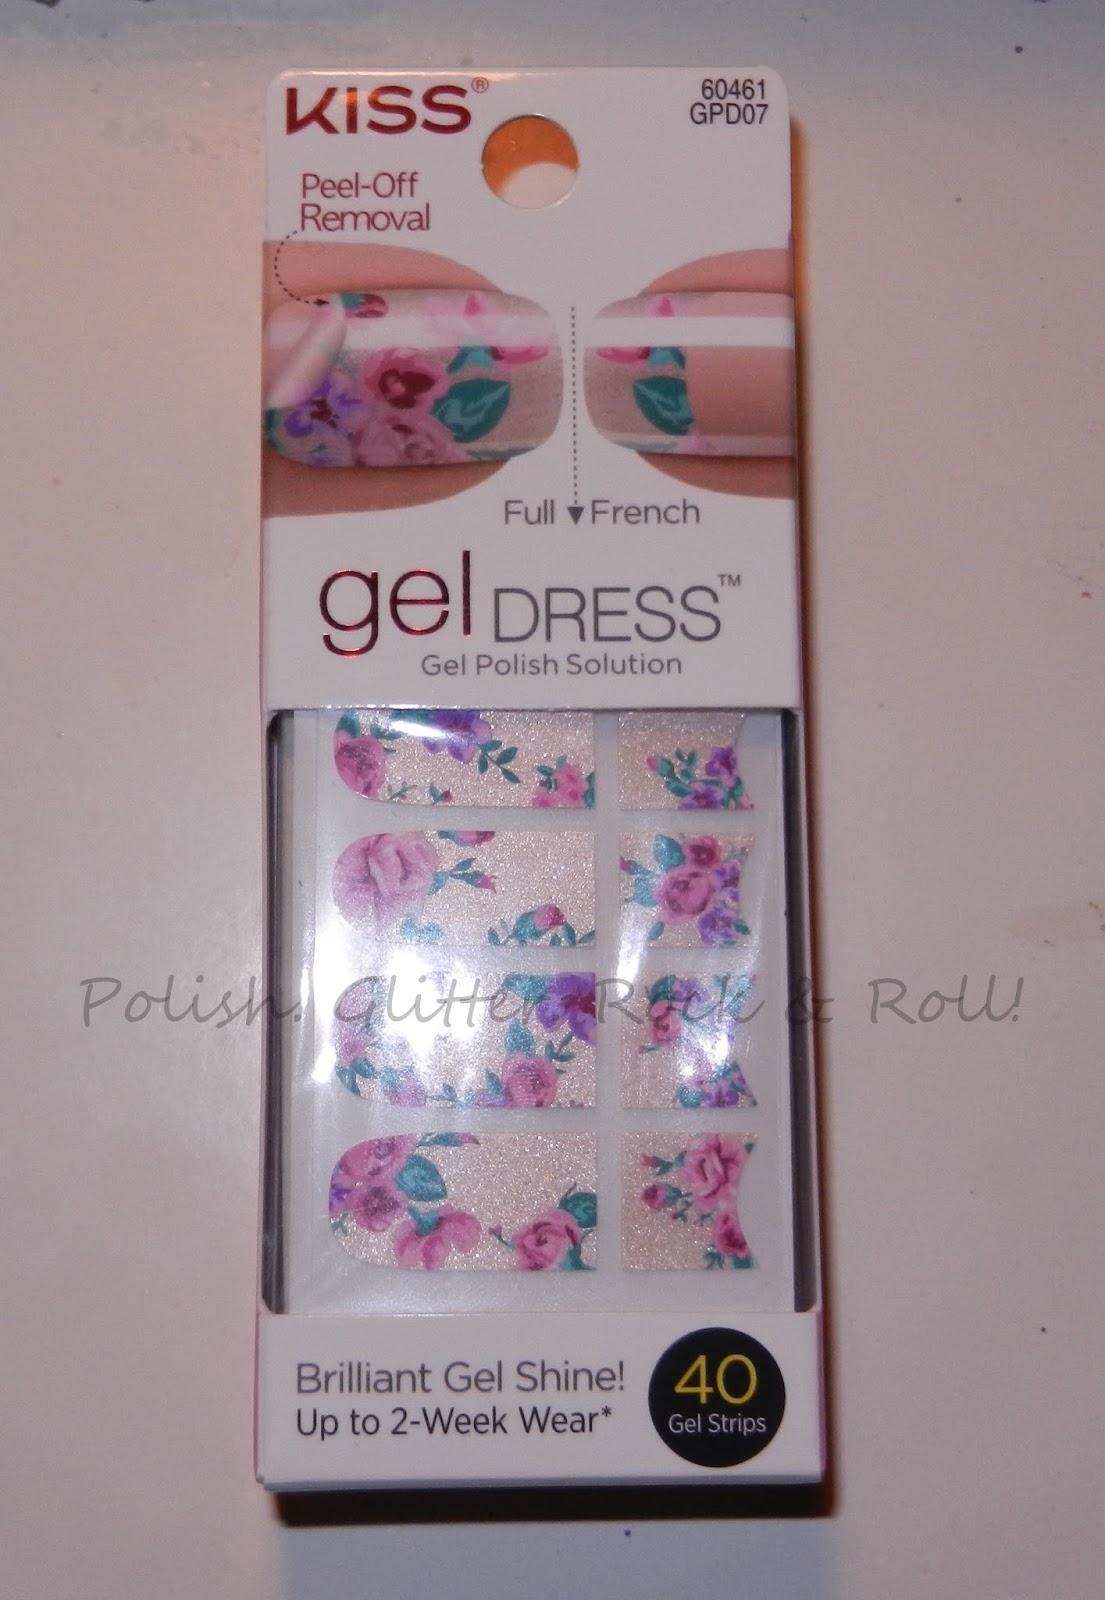 Polish. Glitter. Rock & Roll!: Kiss Gel Dress Sugar & Spice